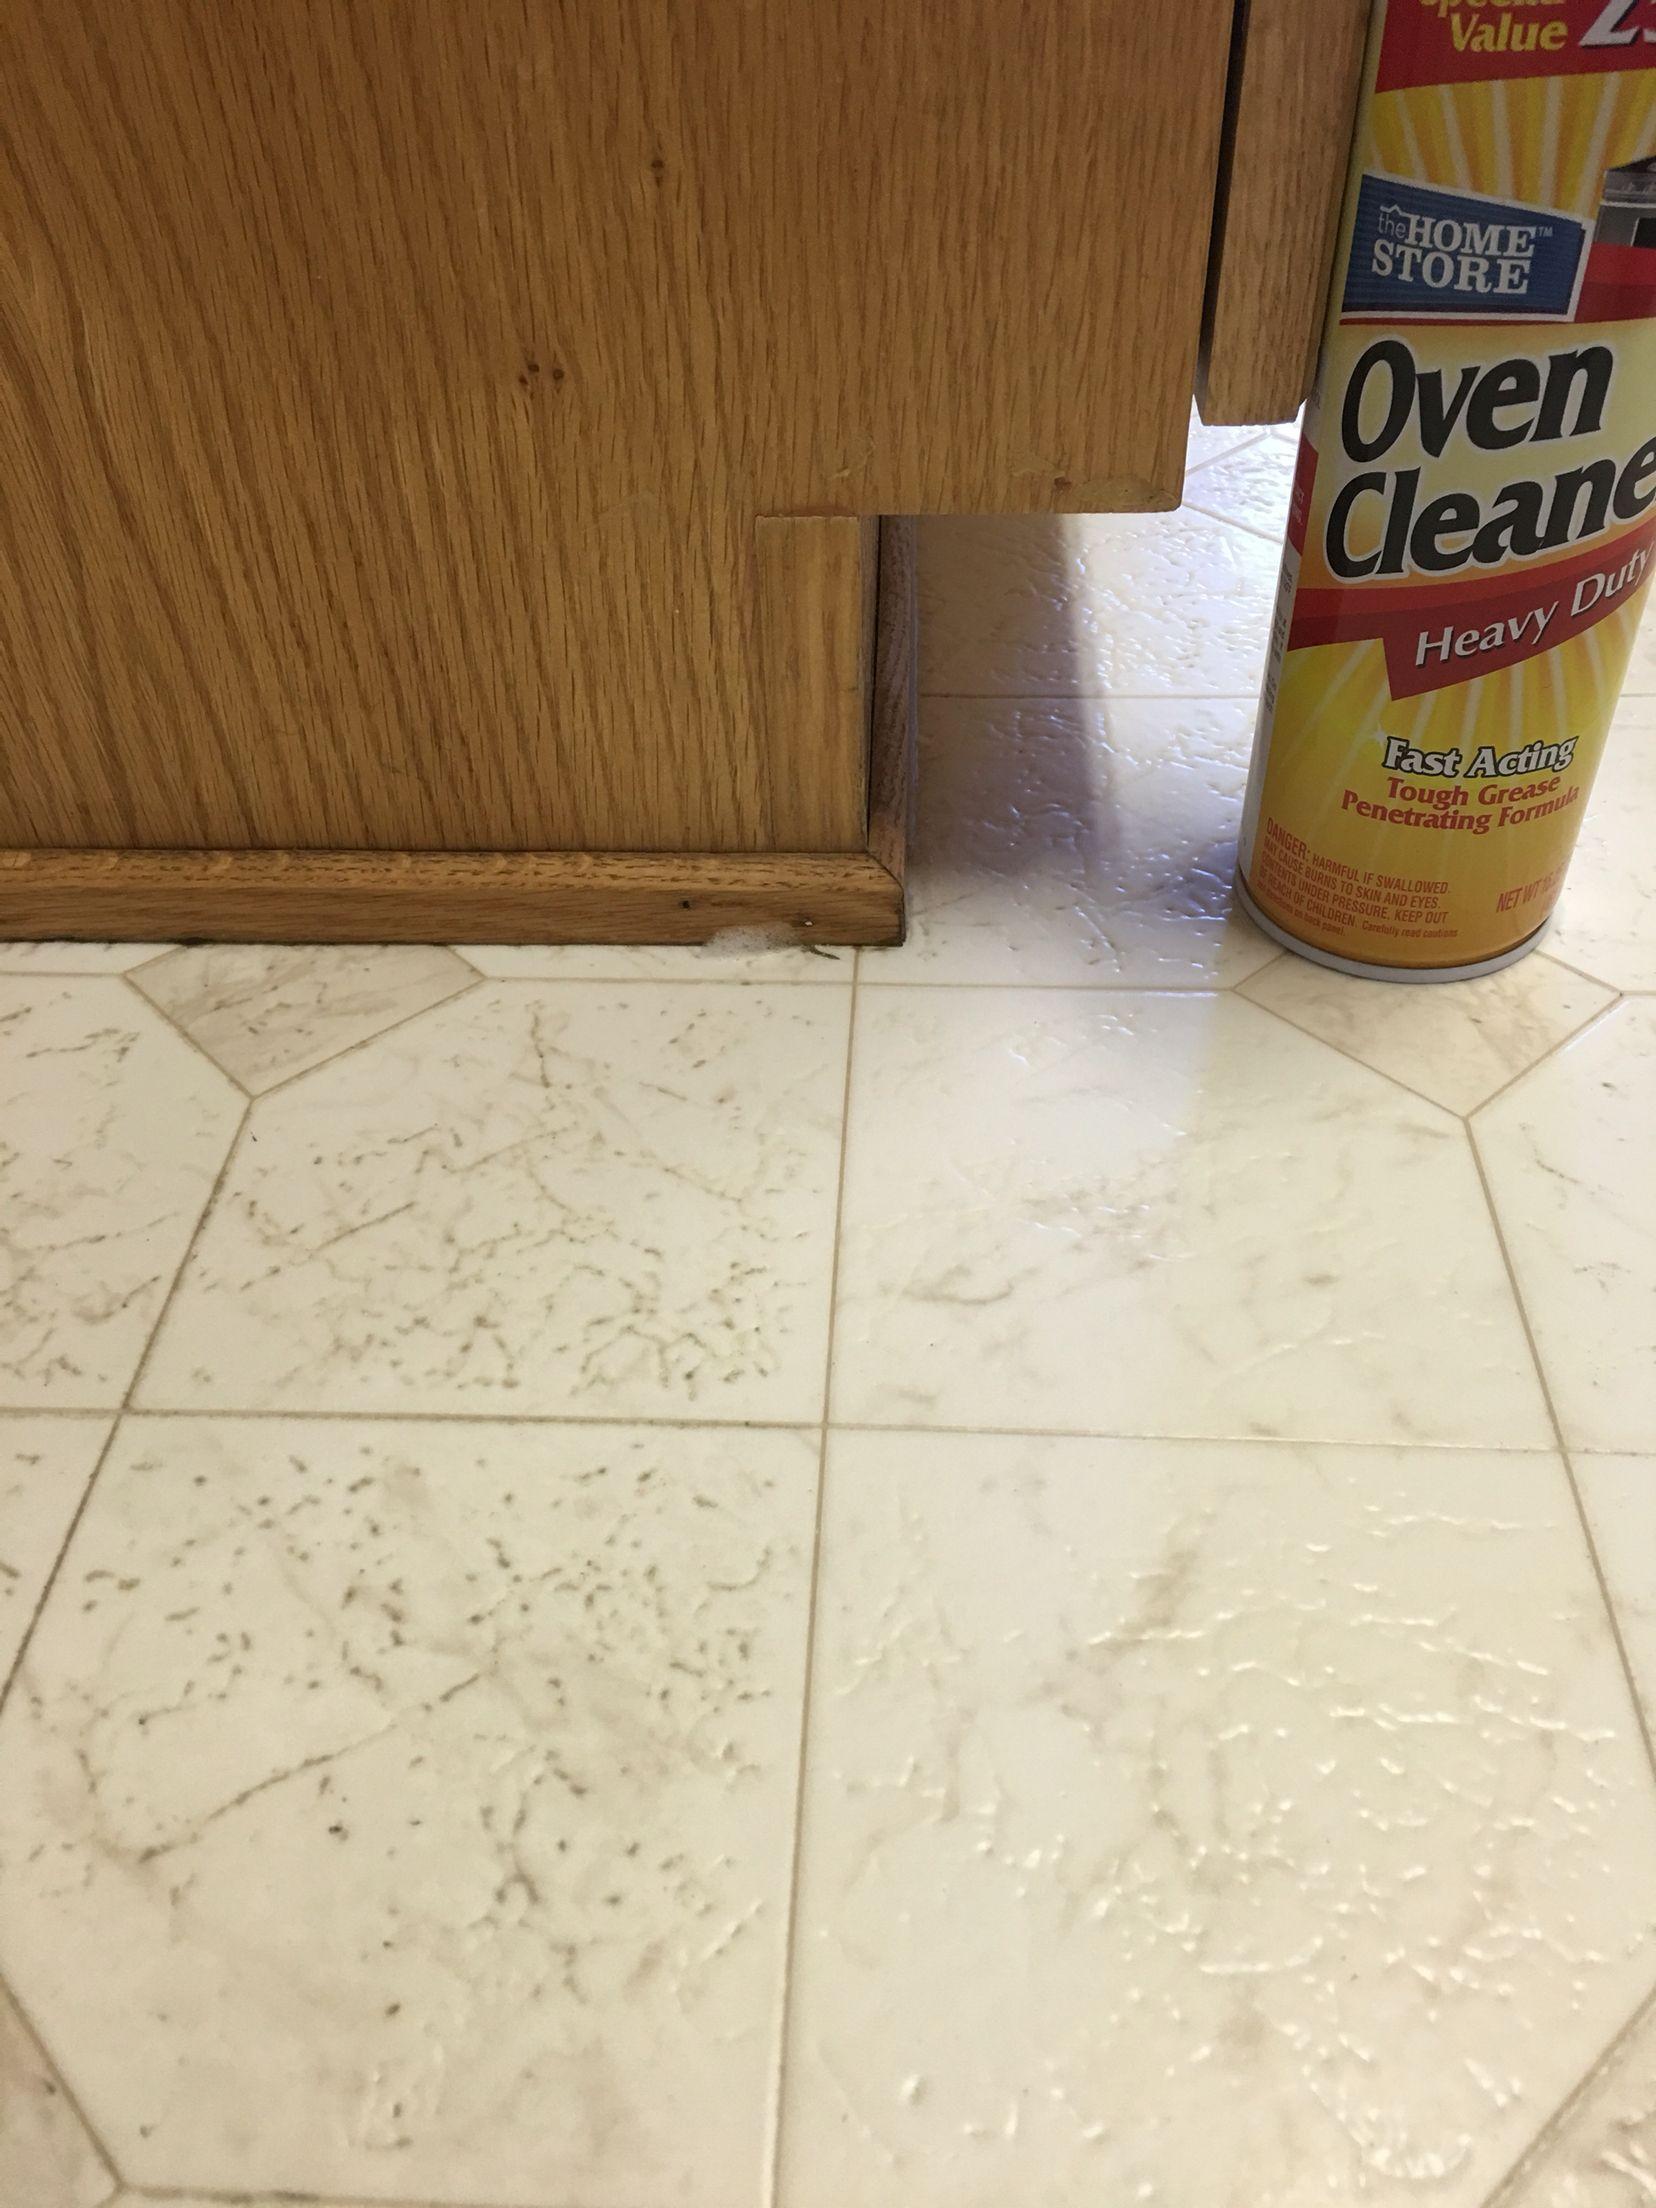 The Best Best Diy Linoleum Floor Cleaner And Review In 2020 Clean Linoleum Floors Linoleum Flooring Floor Cleaner